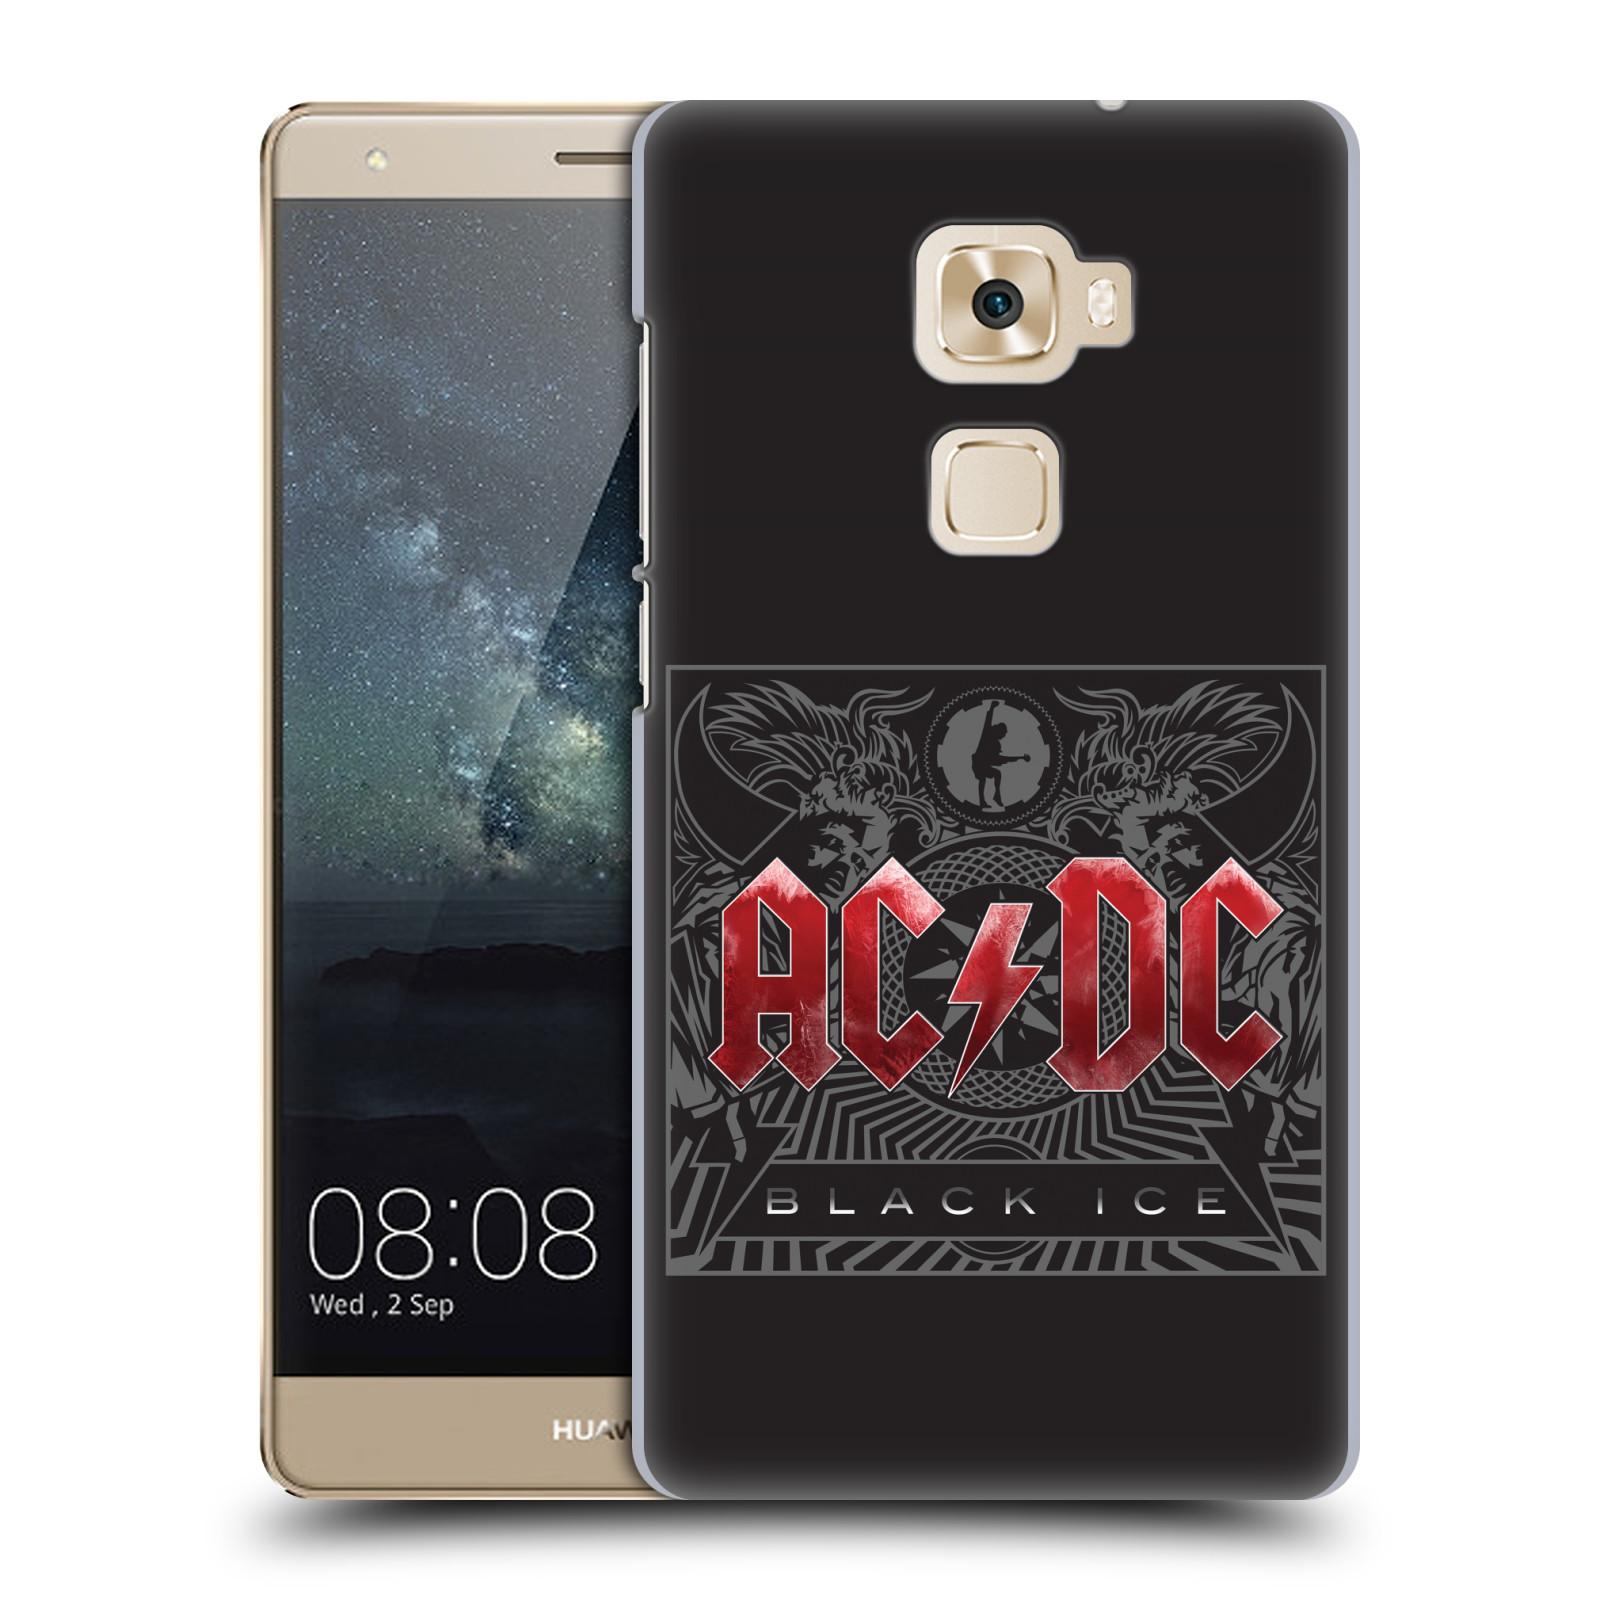 Plastové pouzdro na mobil Huawei Mate S HEAD CASE AC/DC Black Ice (Plastový kryt či obal na mobilní telefon s oficiálním motivem australské skupiny AC/DC pro Huawei Mate S)